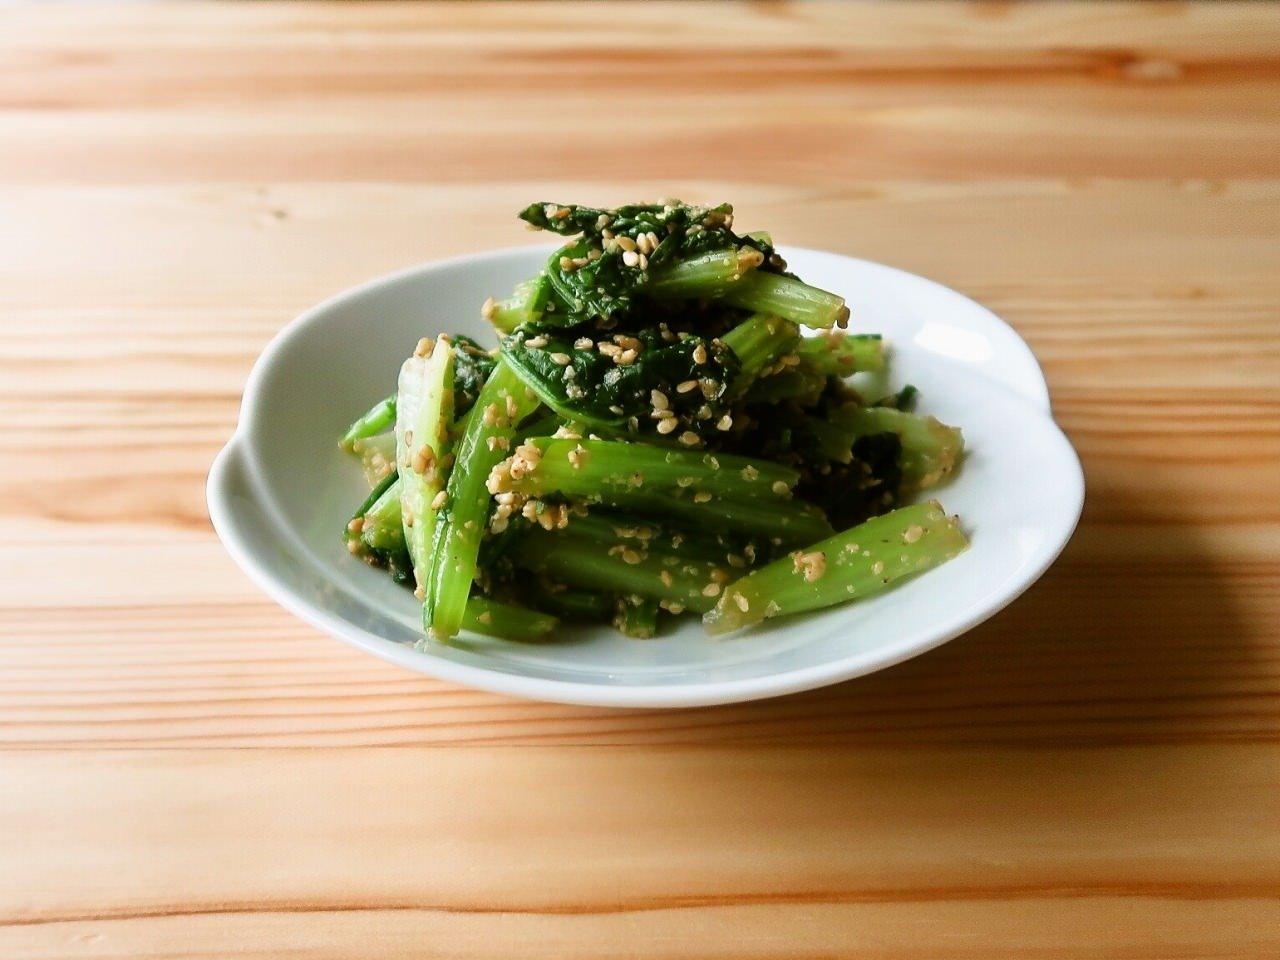 【野菜ひとつ】かぶの葉のごま和え